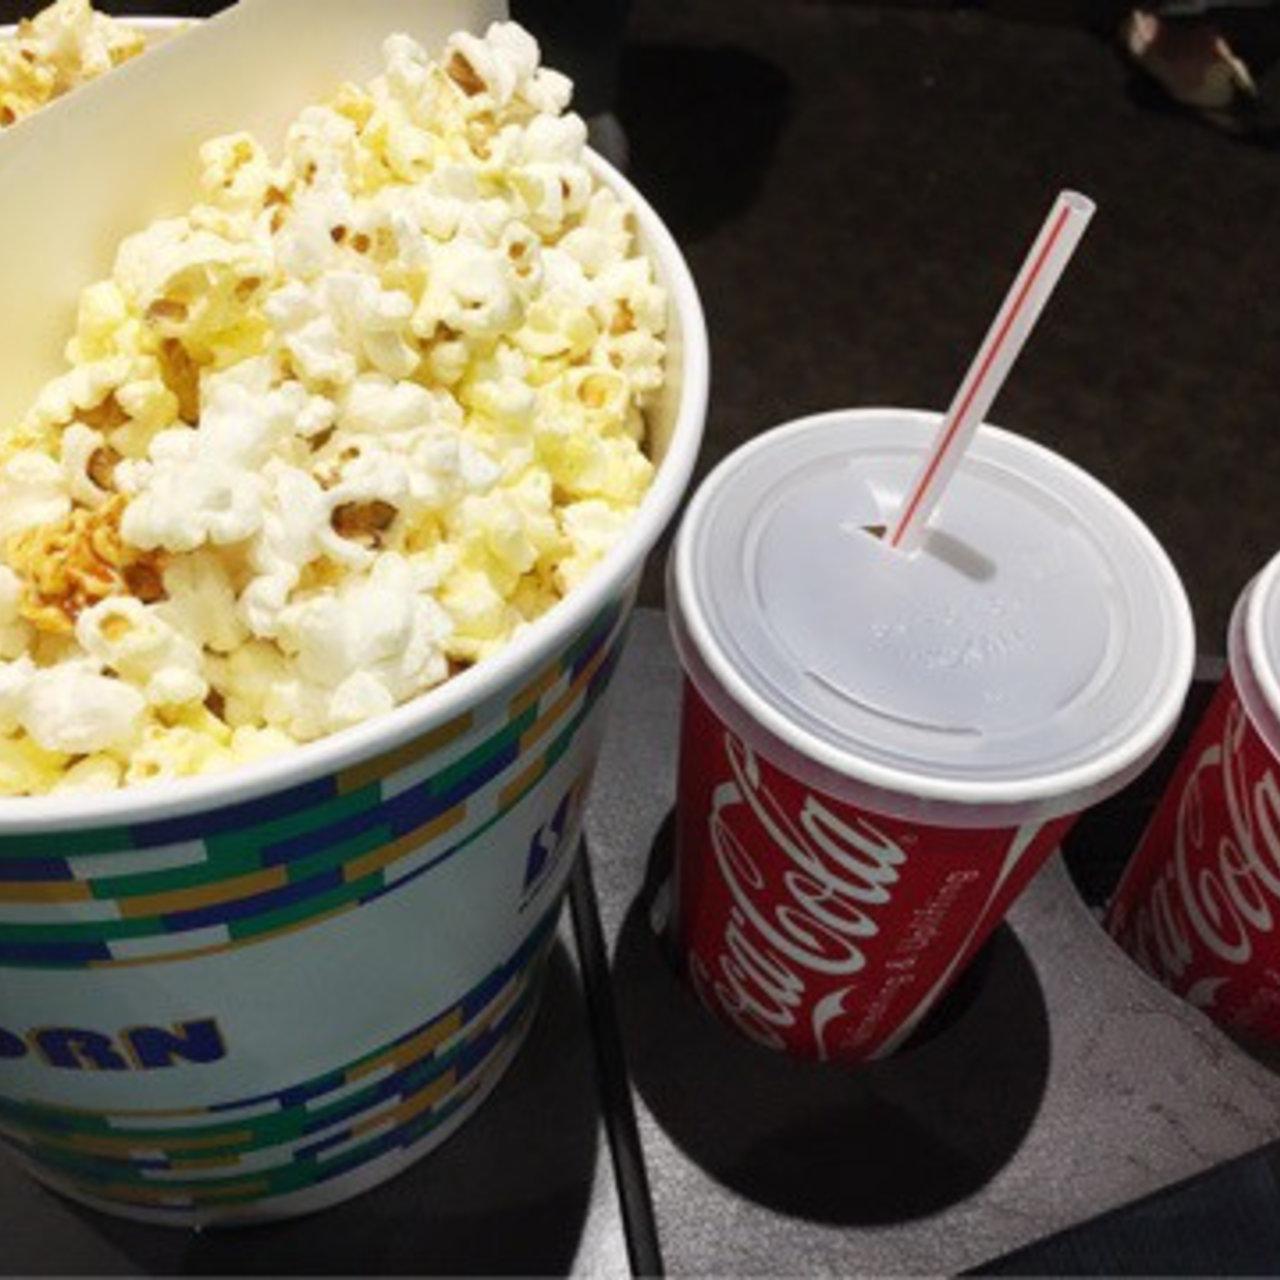 フロンティア 札幌 座席 シネマ 札幌シネマフロンティアのアクセス・上映時間・映画館情報 映画の時間